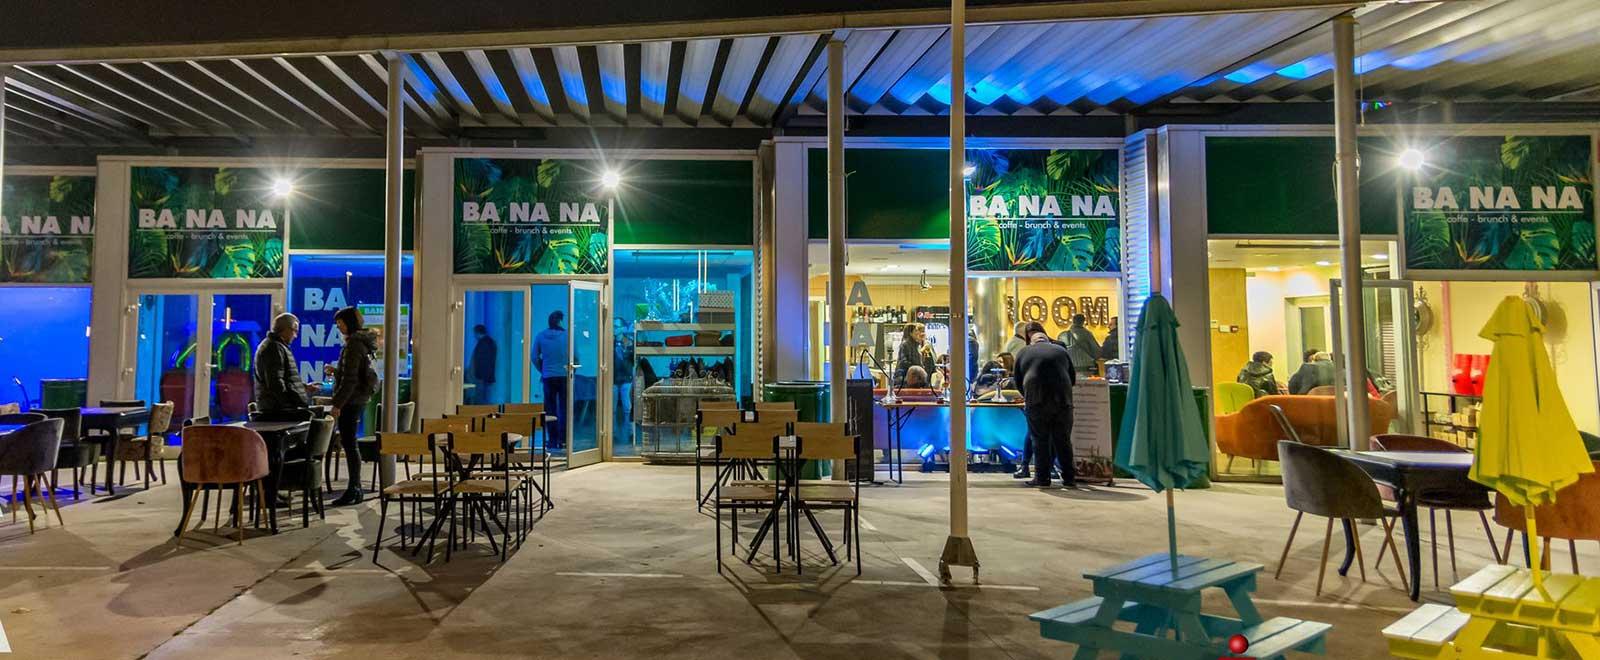 bar-calafell-terraza-noche